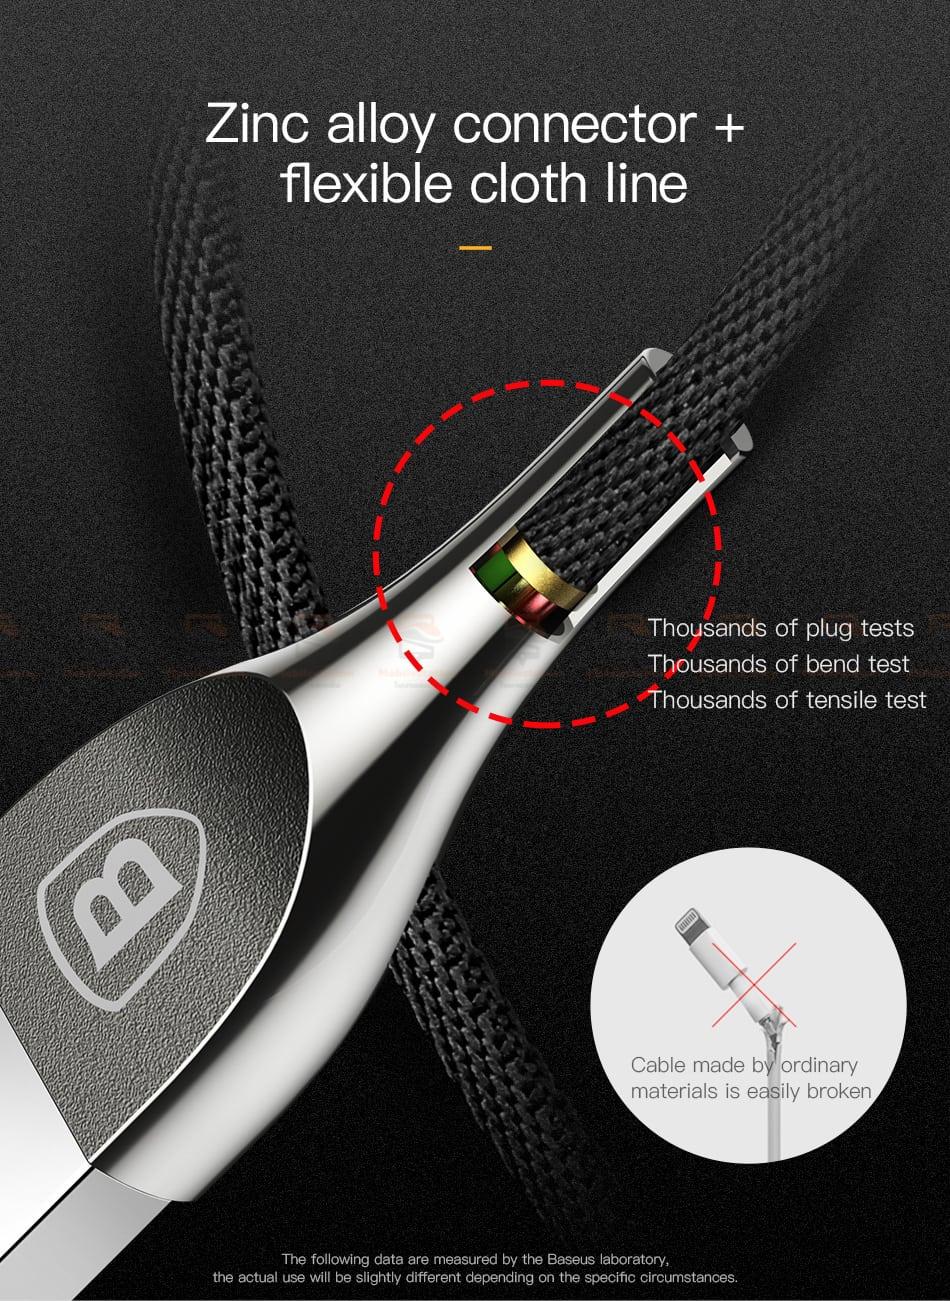 สายชาร์จไอโฟน Baseus Zinc Alloy USB Cable For iPhone X 8 7 6 5 Fast Charging Charger Cable 11